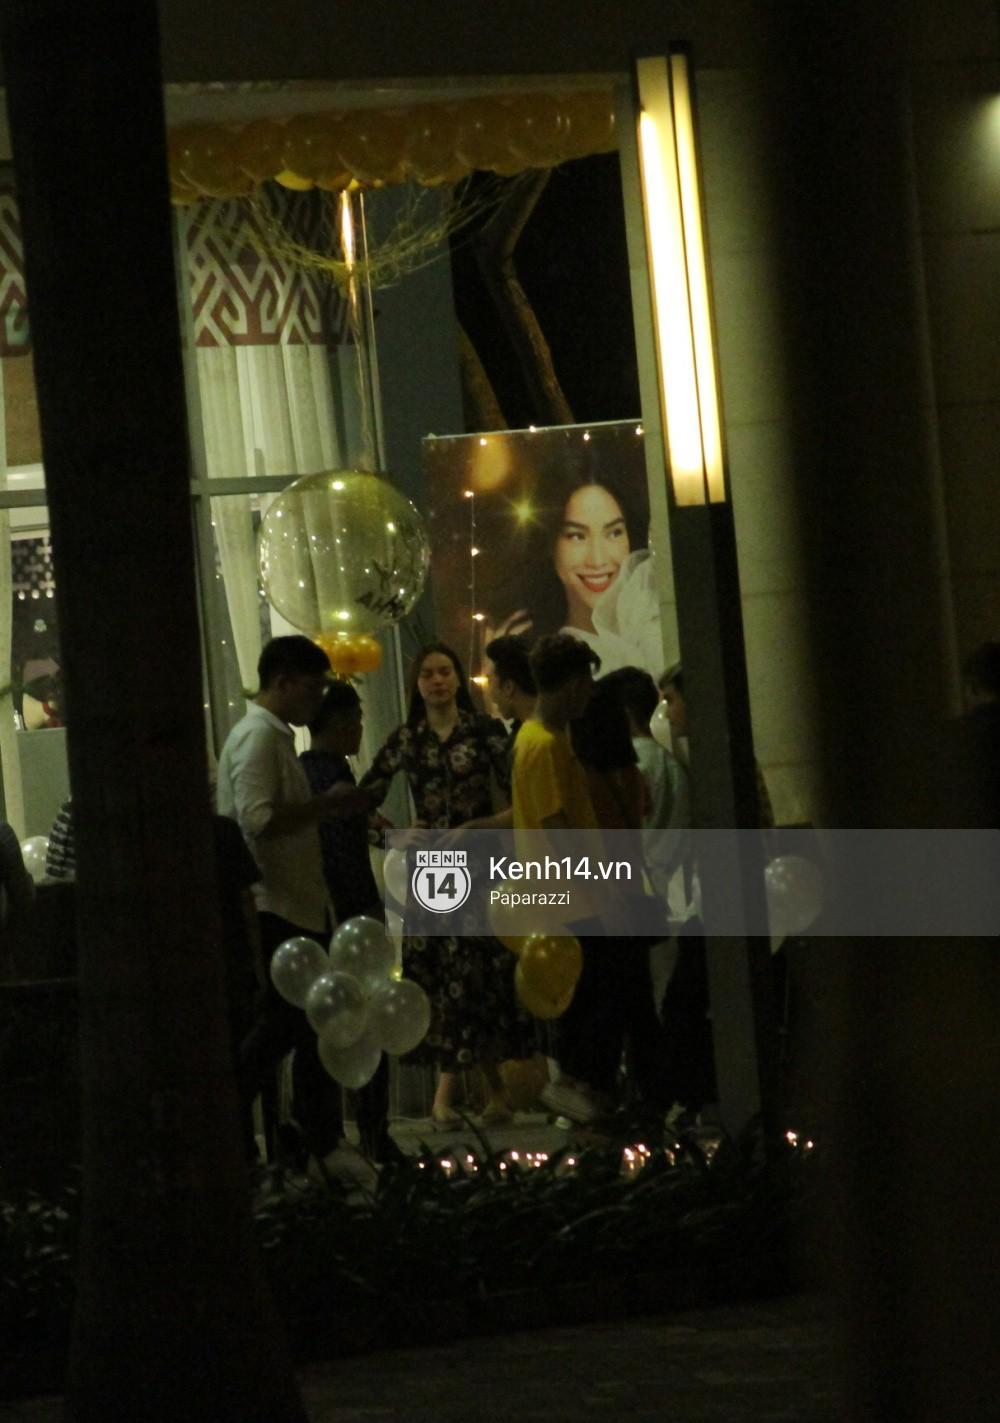 Vắng Kim Lý, Hà Hồ lẻ bóng dự tiệc sinh nhật muộn do bạn bè tổ chức - Ảnh 3.